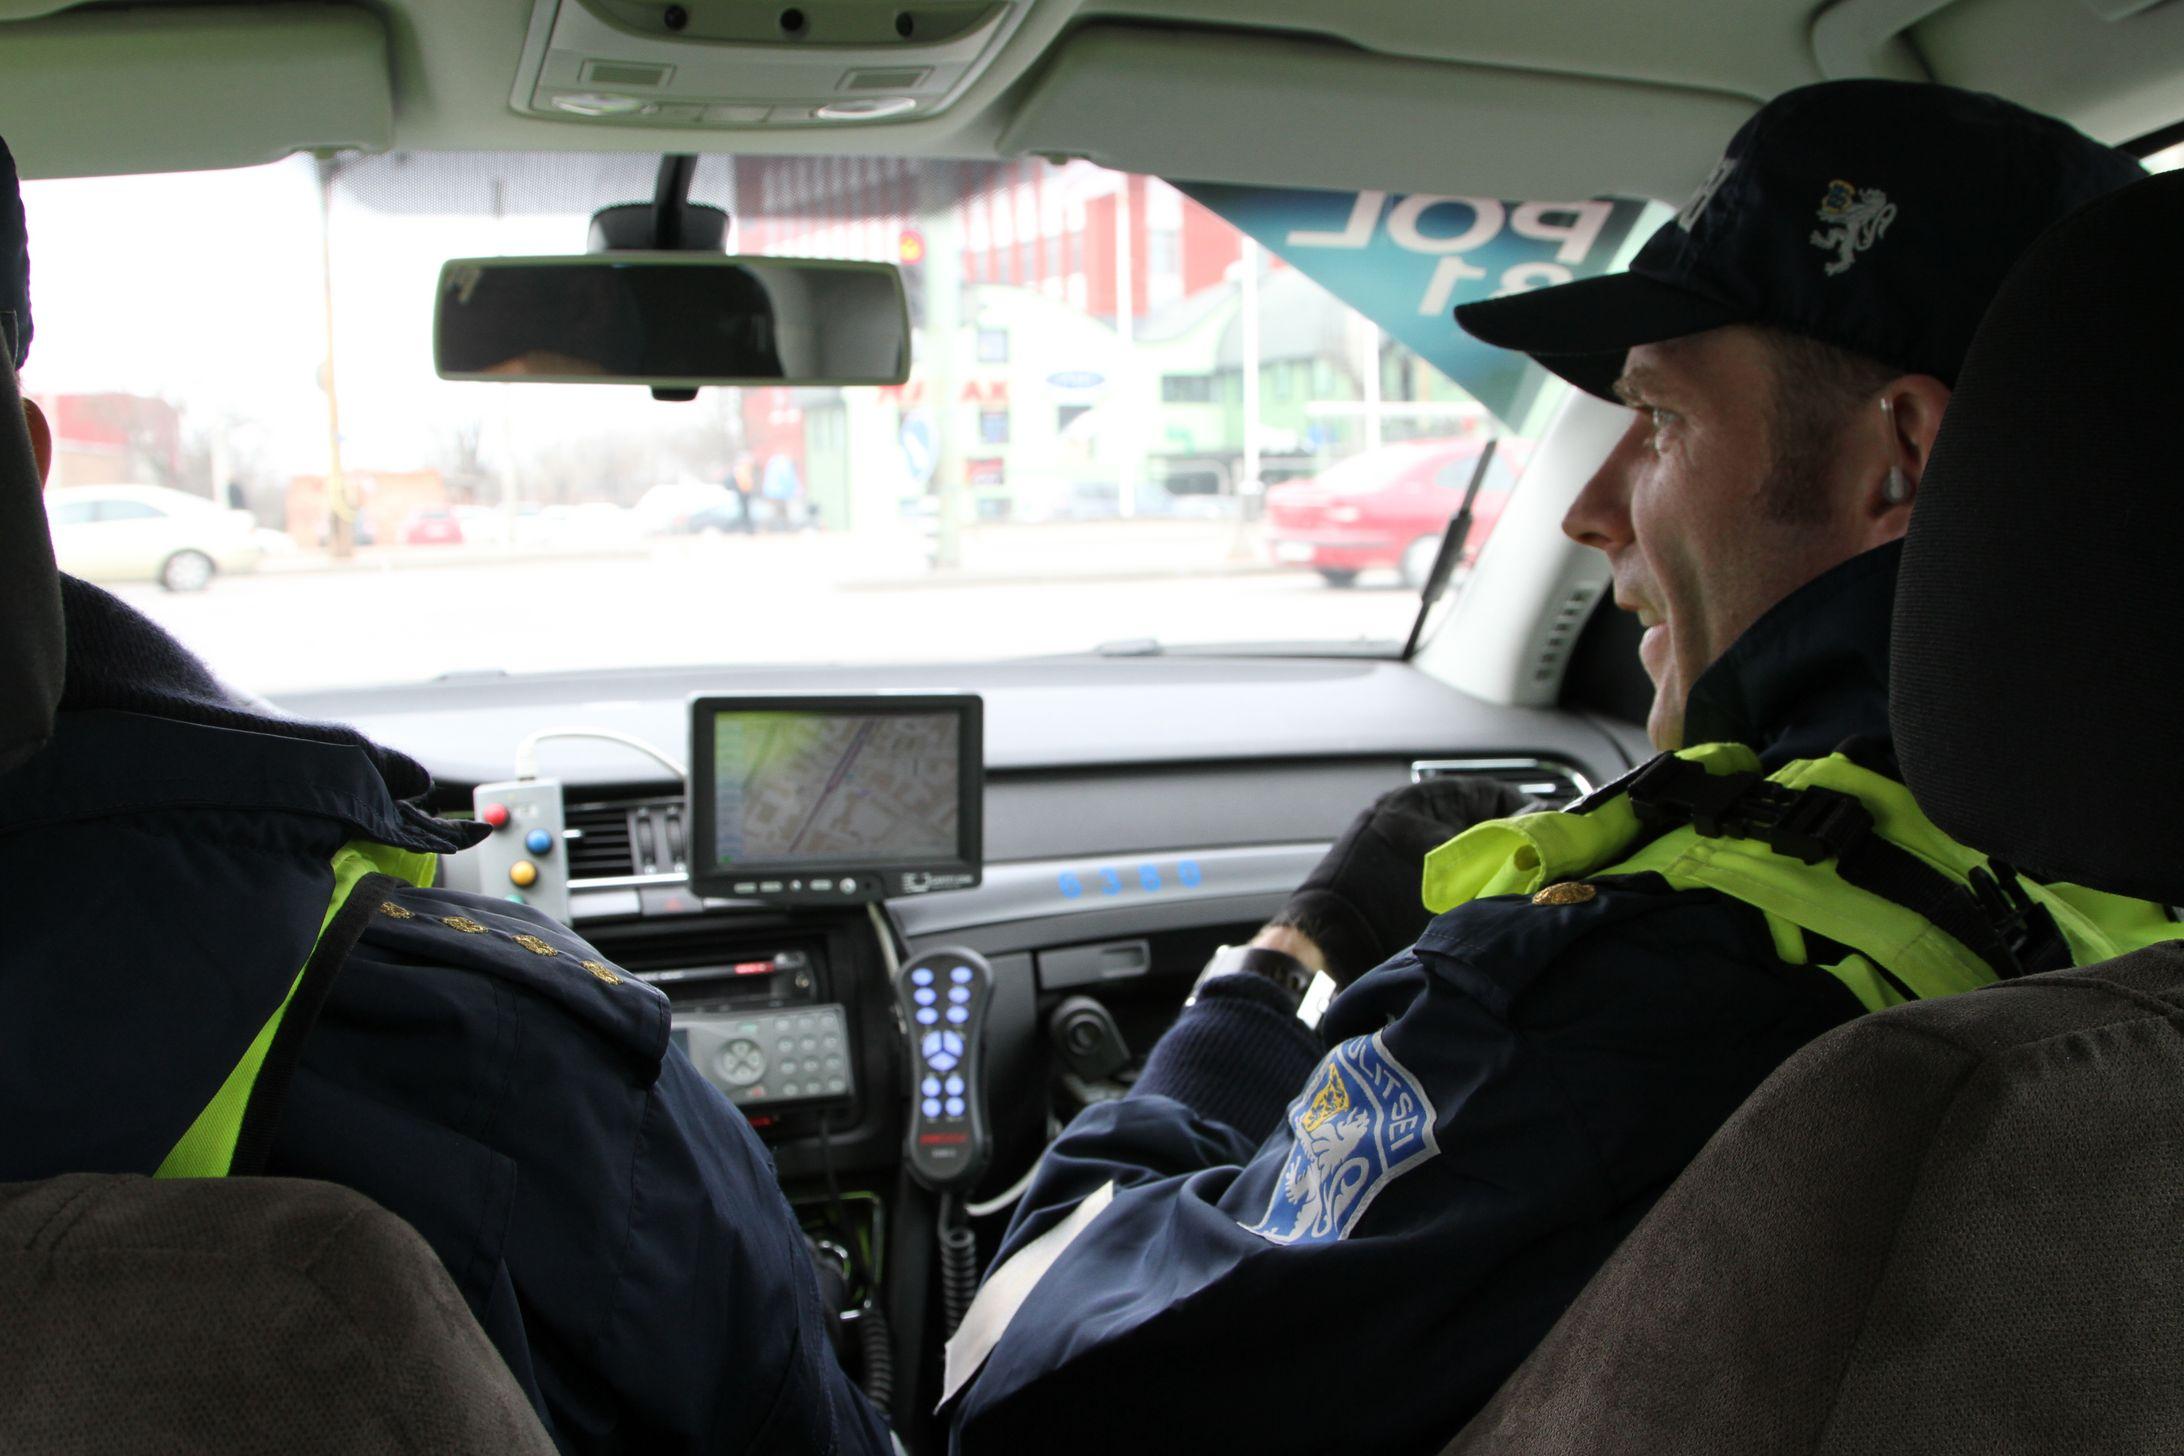 POLITSEI JÄLGIB! Politseinikud jälgivad täna jalakäijate liiklusharjumisi foorita ülekäiguradadel